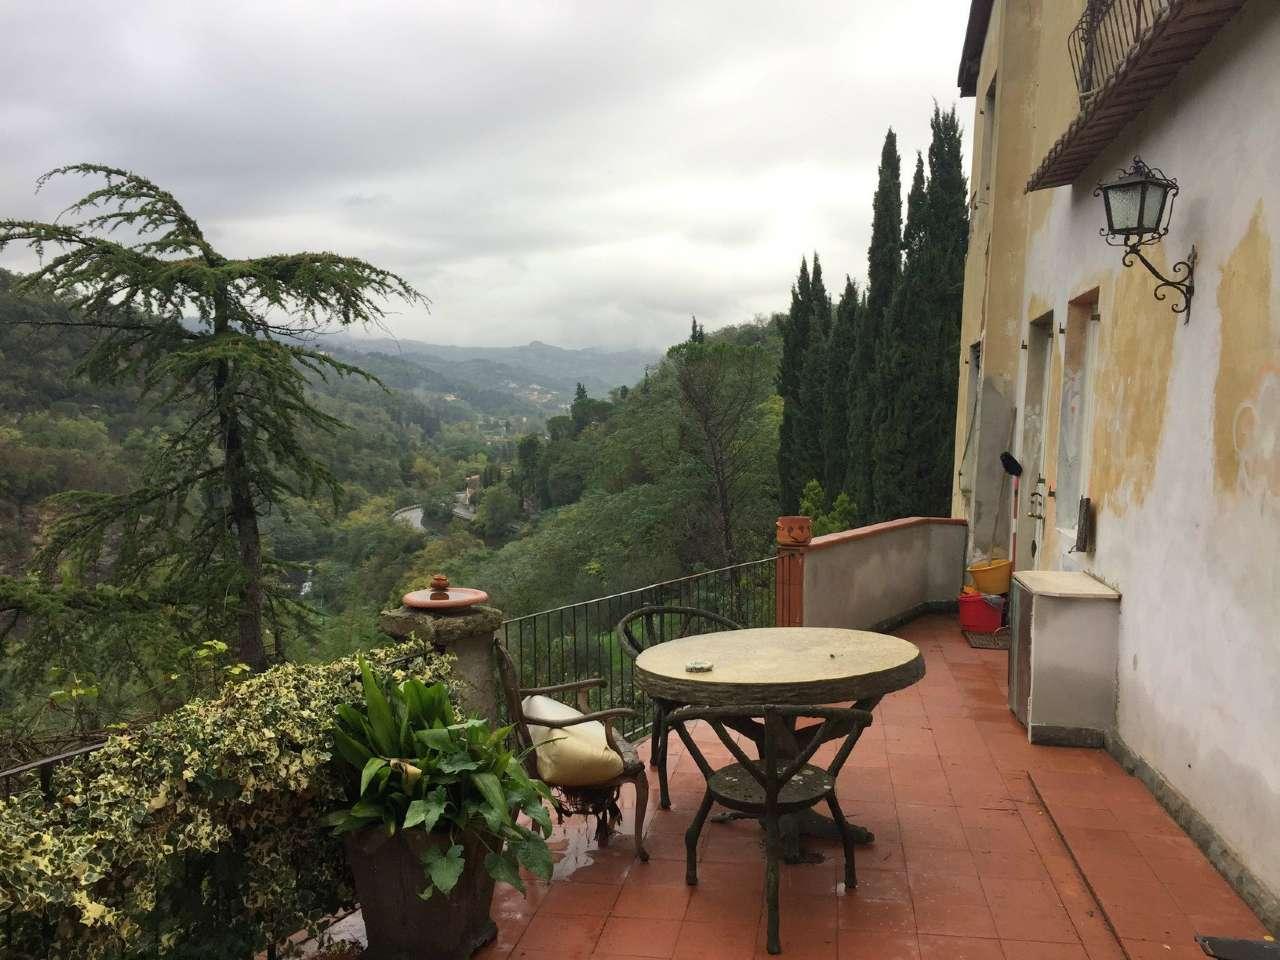 Case indipendenti in affitto in italia annunci for Affitto locali commerciali roma nord